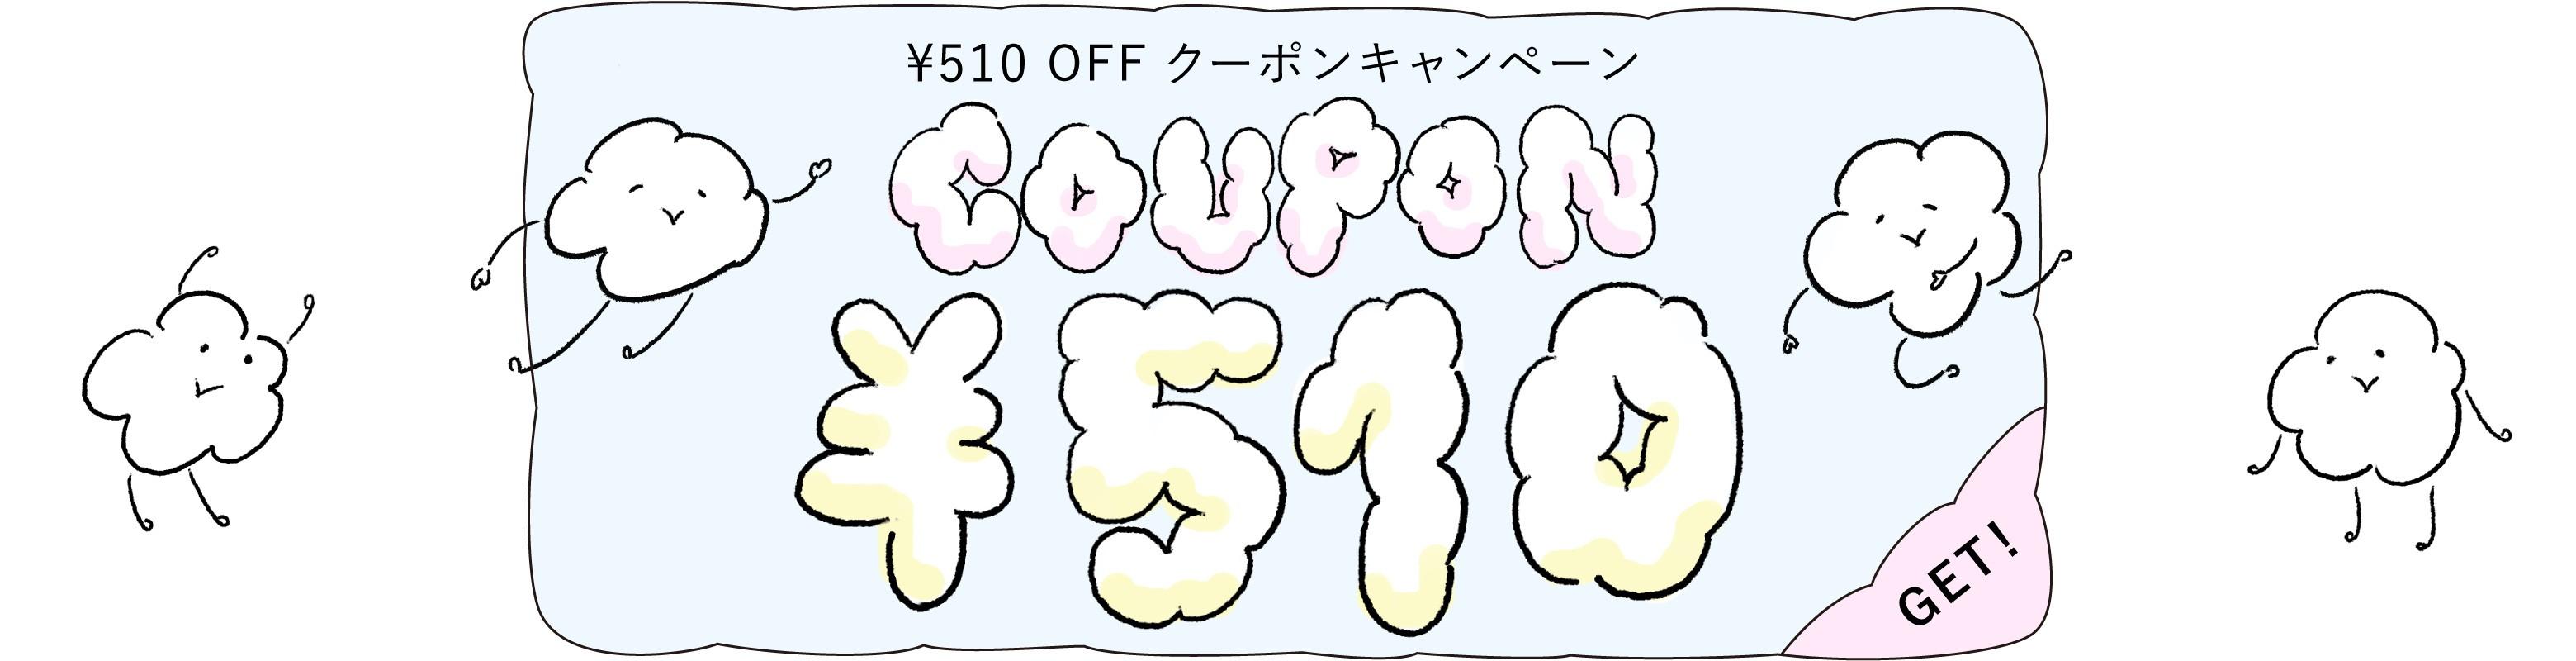 コットンの日にちなんで!510円クーポン